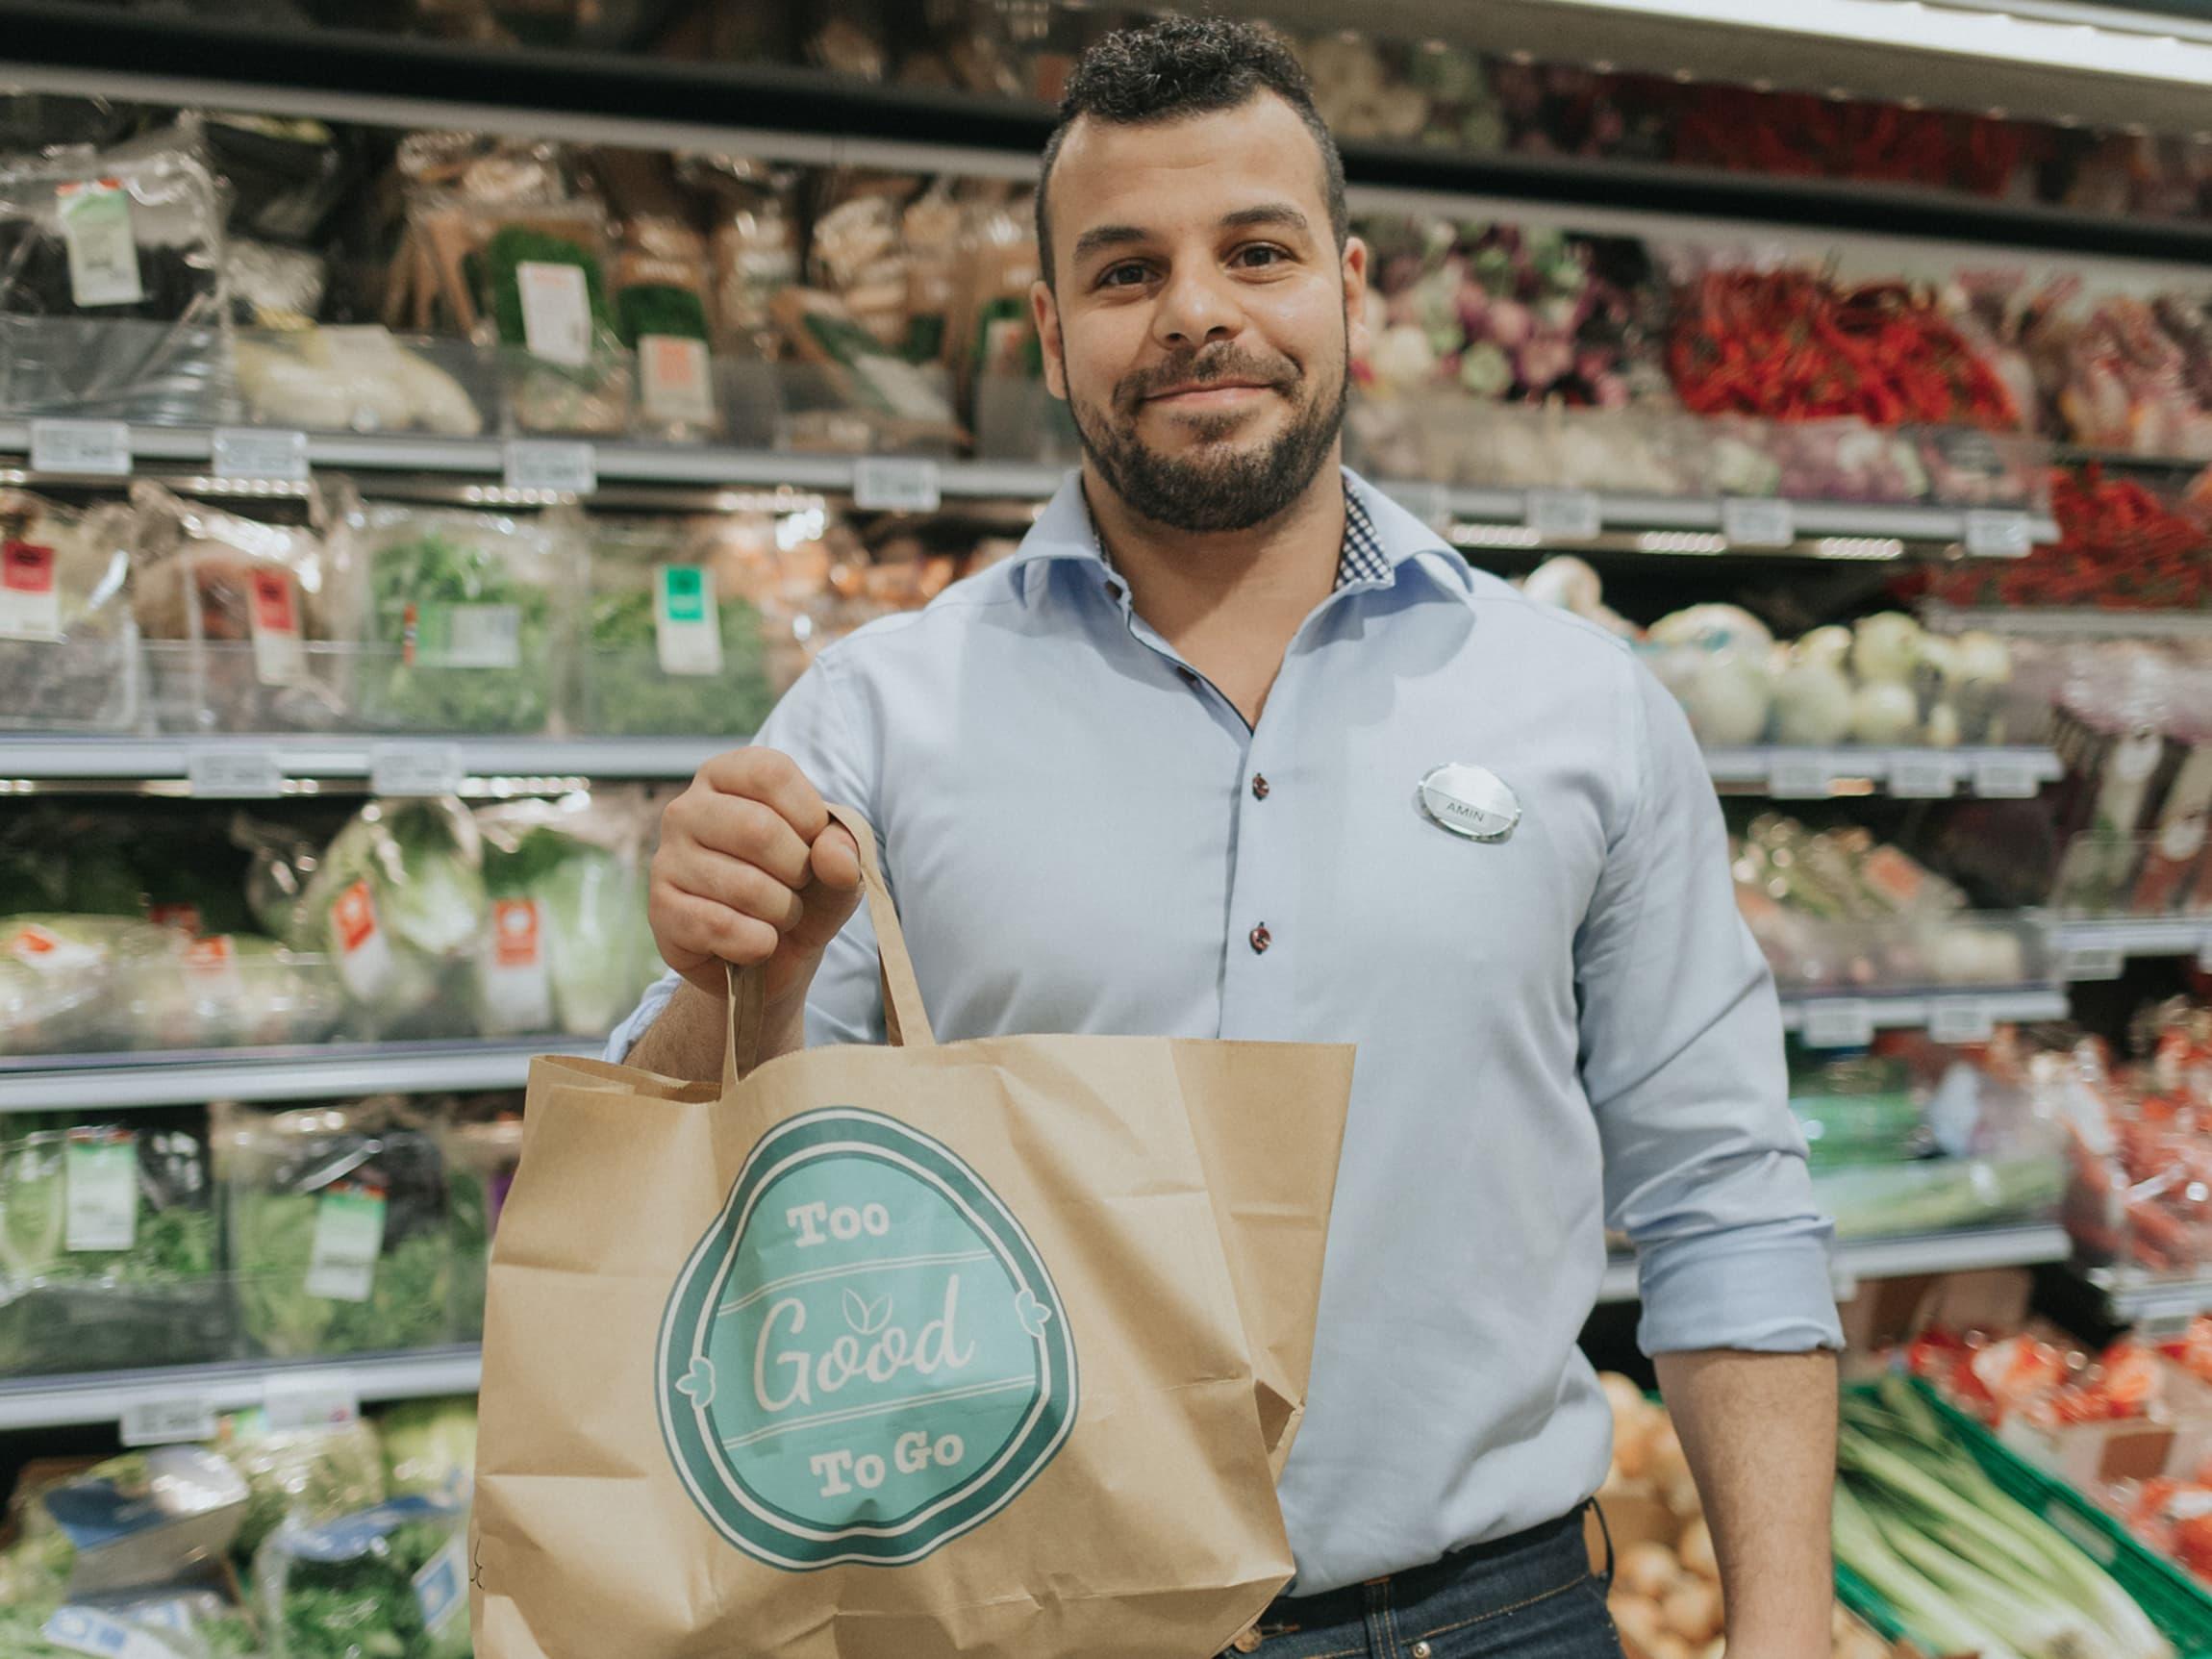 To Good too Go er svært populært blant kundene på MENY Bjølsen, forteller butikksjef Amine Bousha.